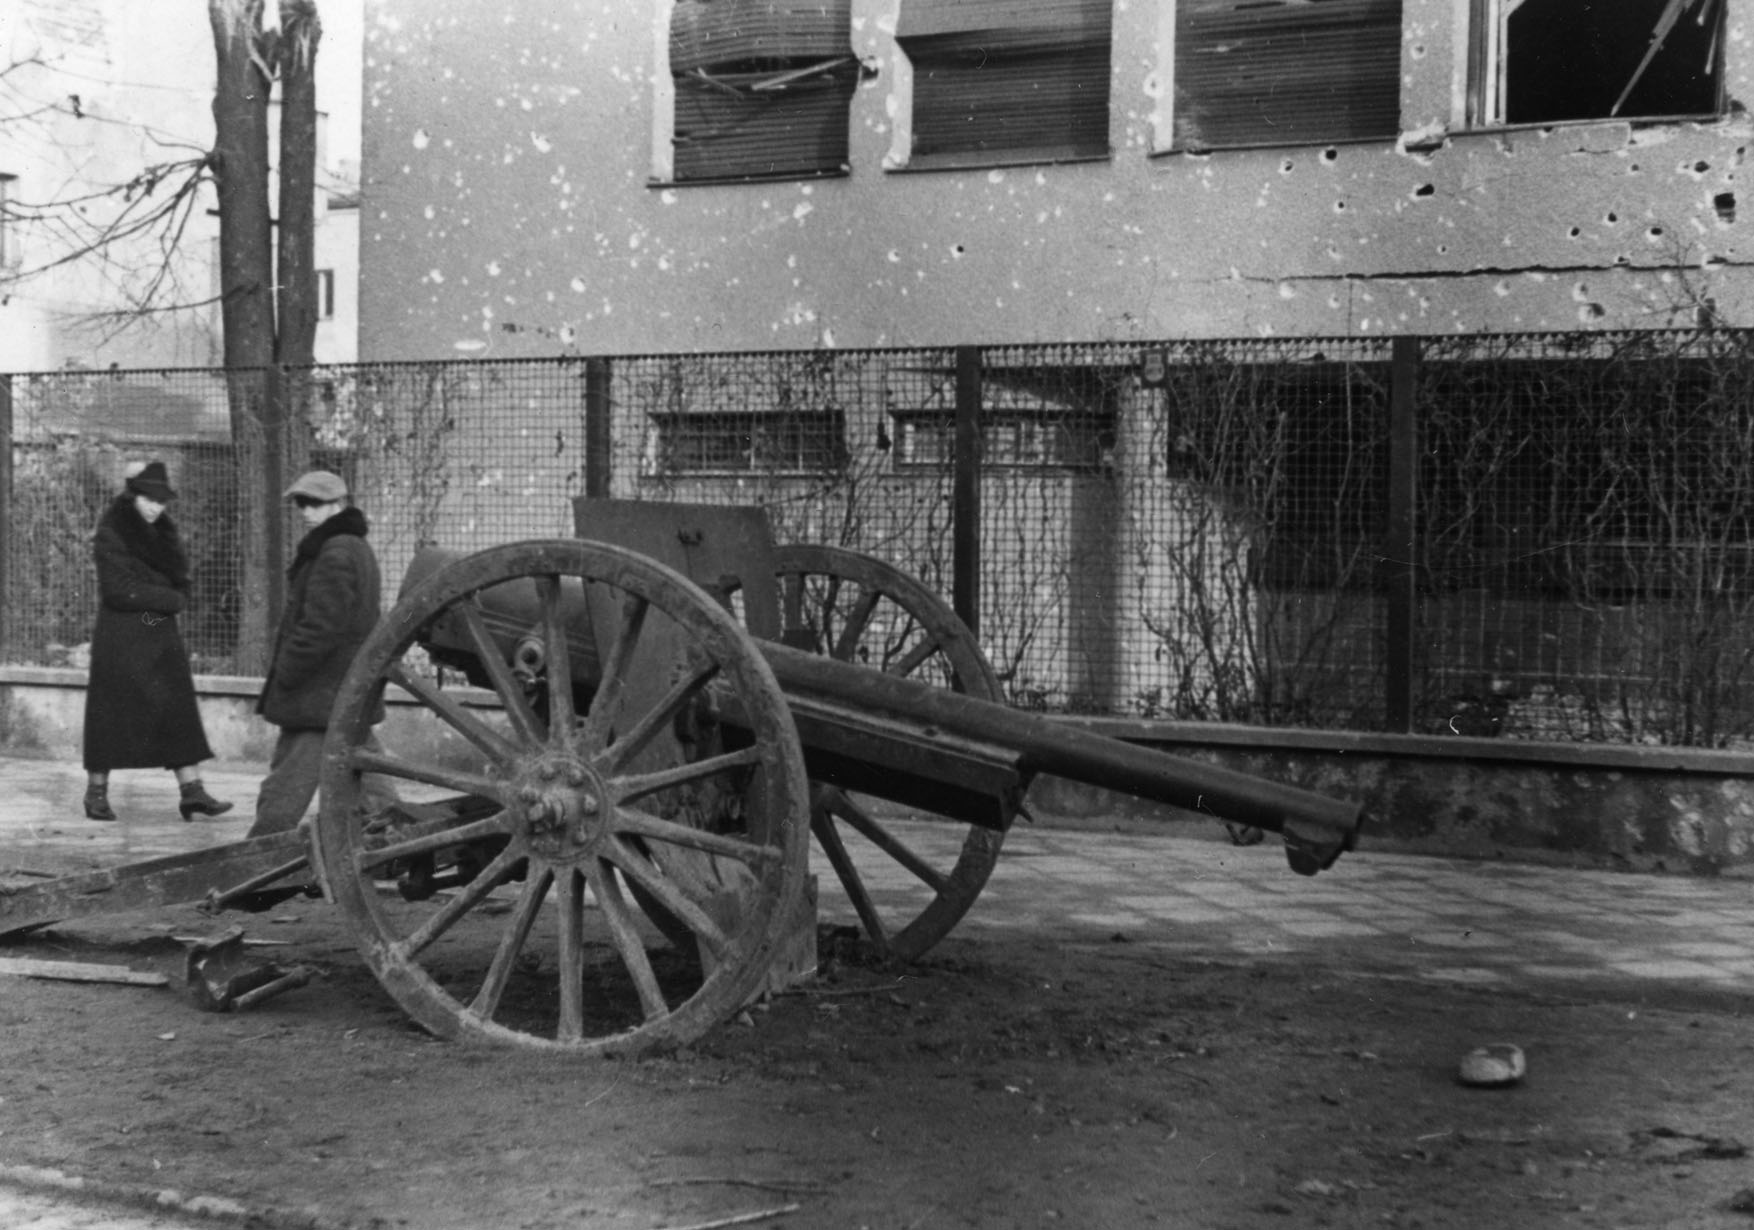 Warszawa. Armata przed willą Łepkowkich przy Francuskiej 2, po kapitulacji Warszawy w 1939 r. Fotografia. Ze zbioru MPW